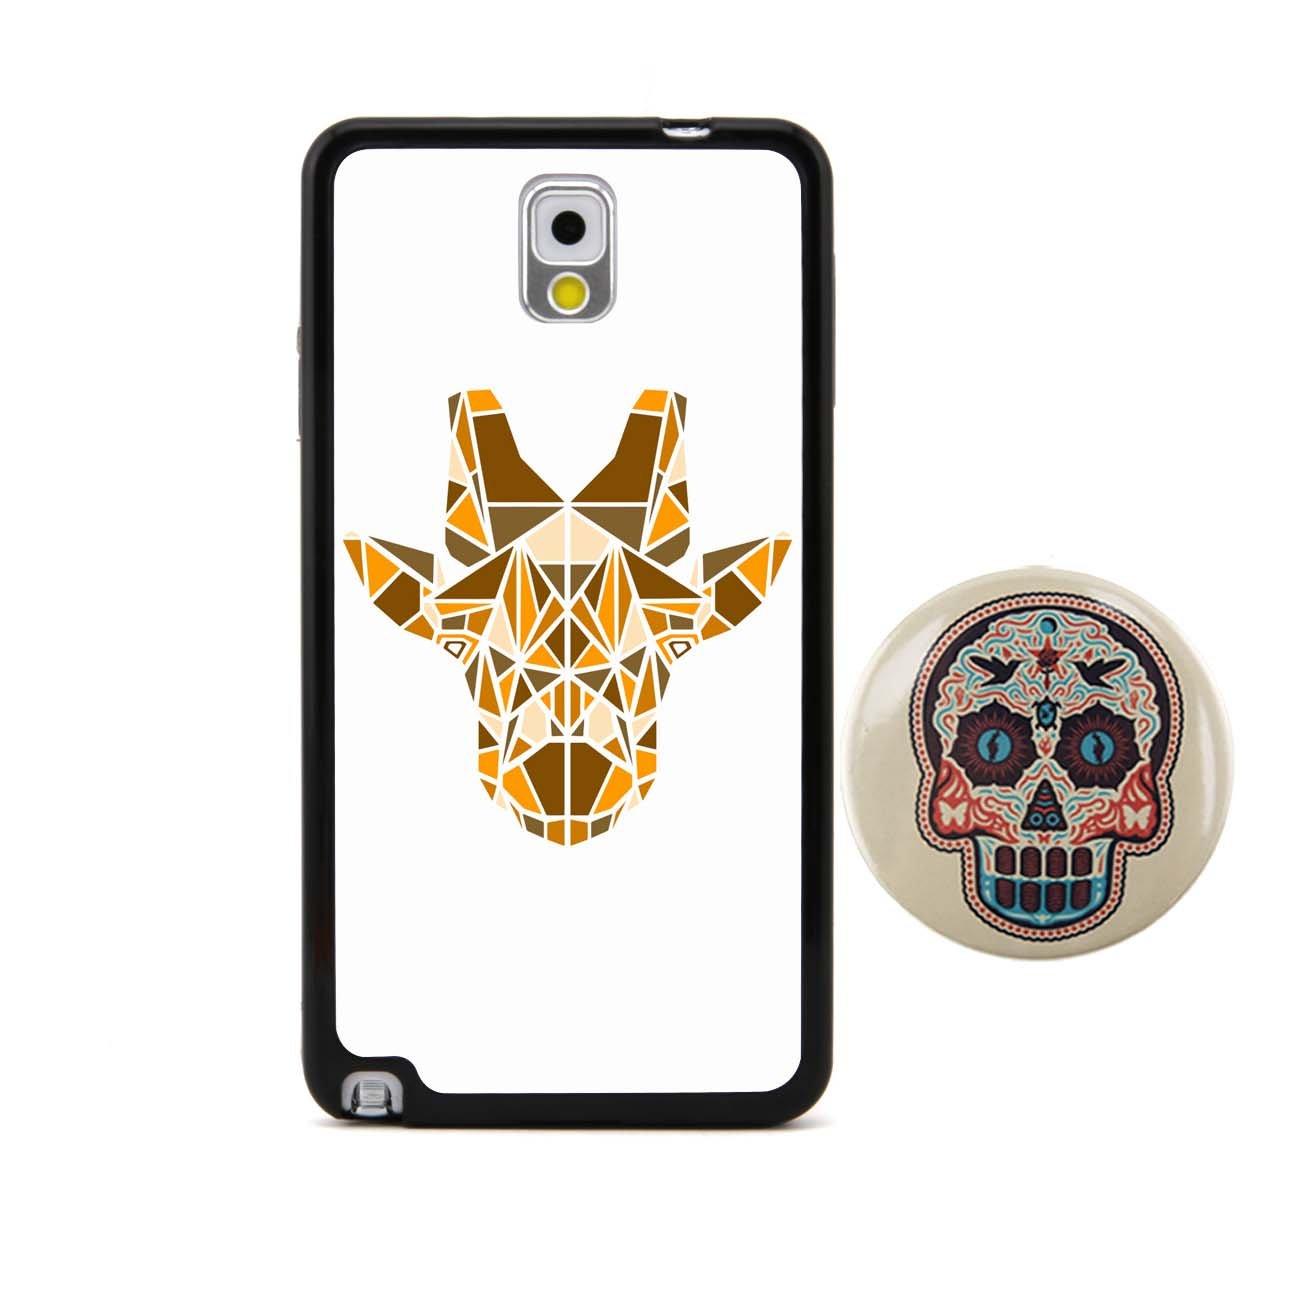 长颈鹿 3d多边形动物头像浮雕设计风格 塑料 tpu手机壳 手机套 适用于